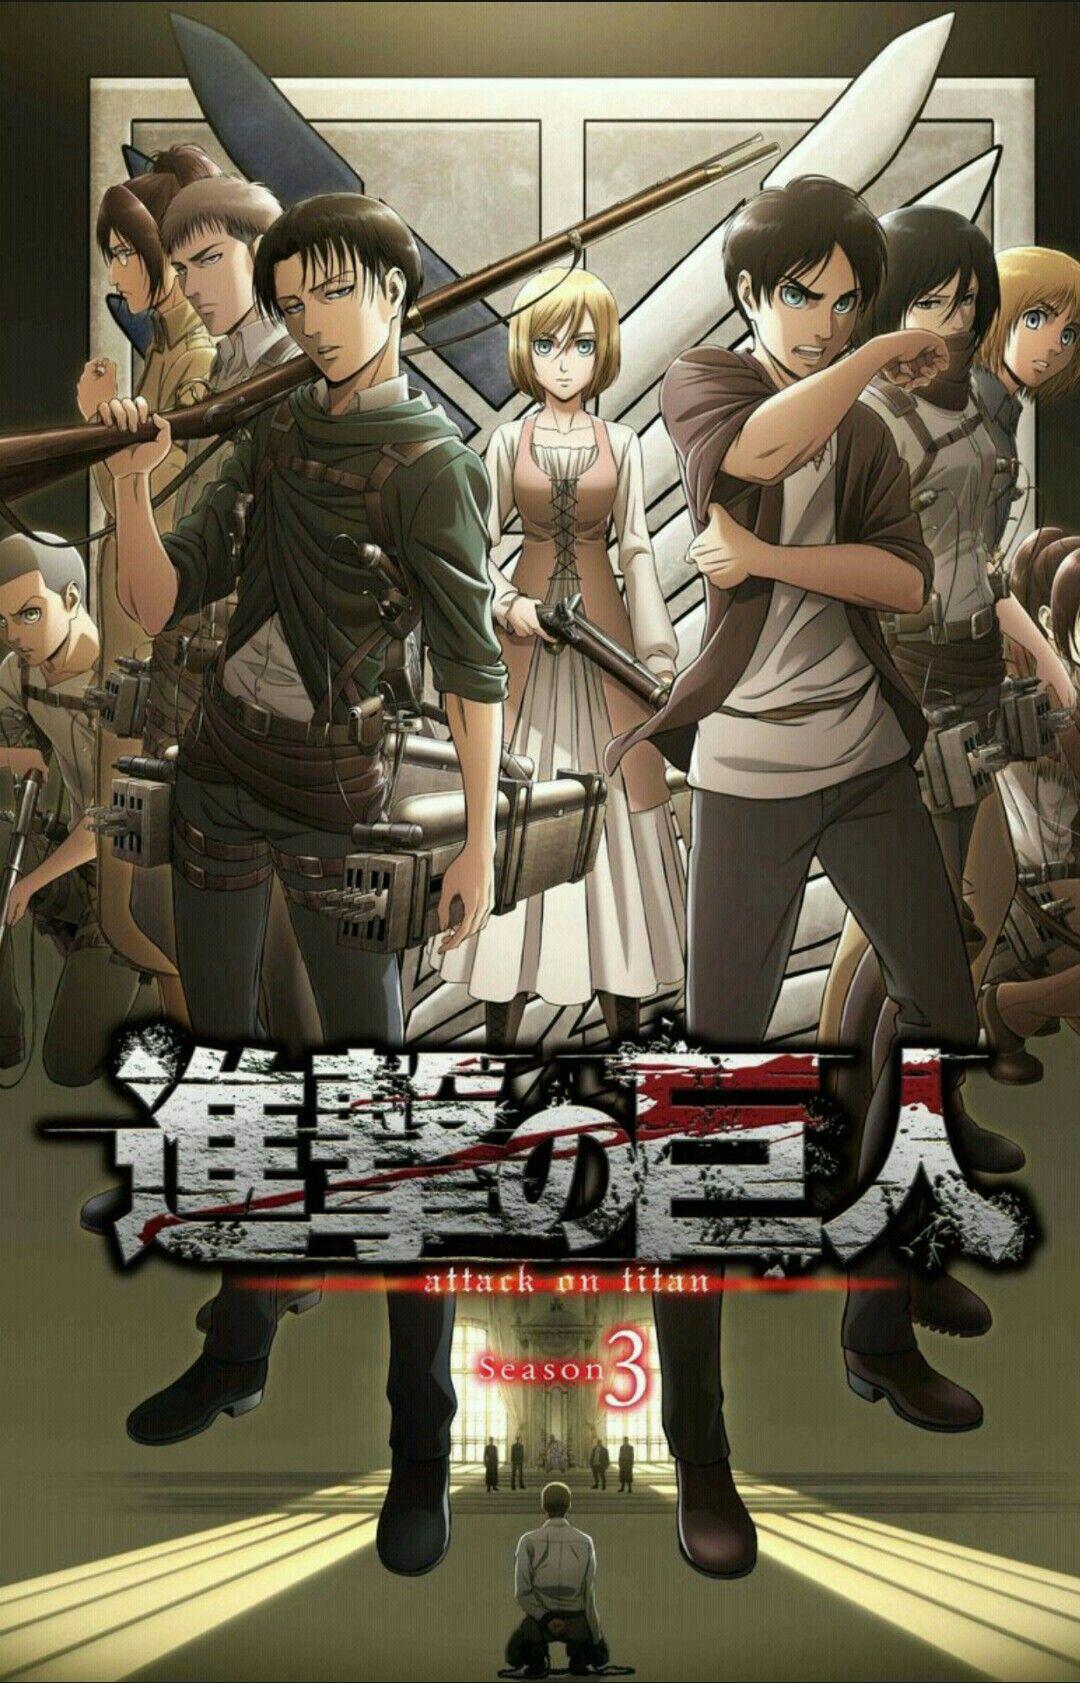 Shingeki no Kyojin 3 Poster Shingeki no kyojin, Anime